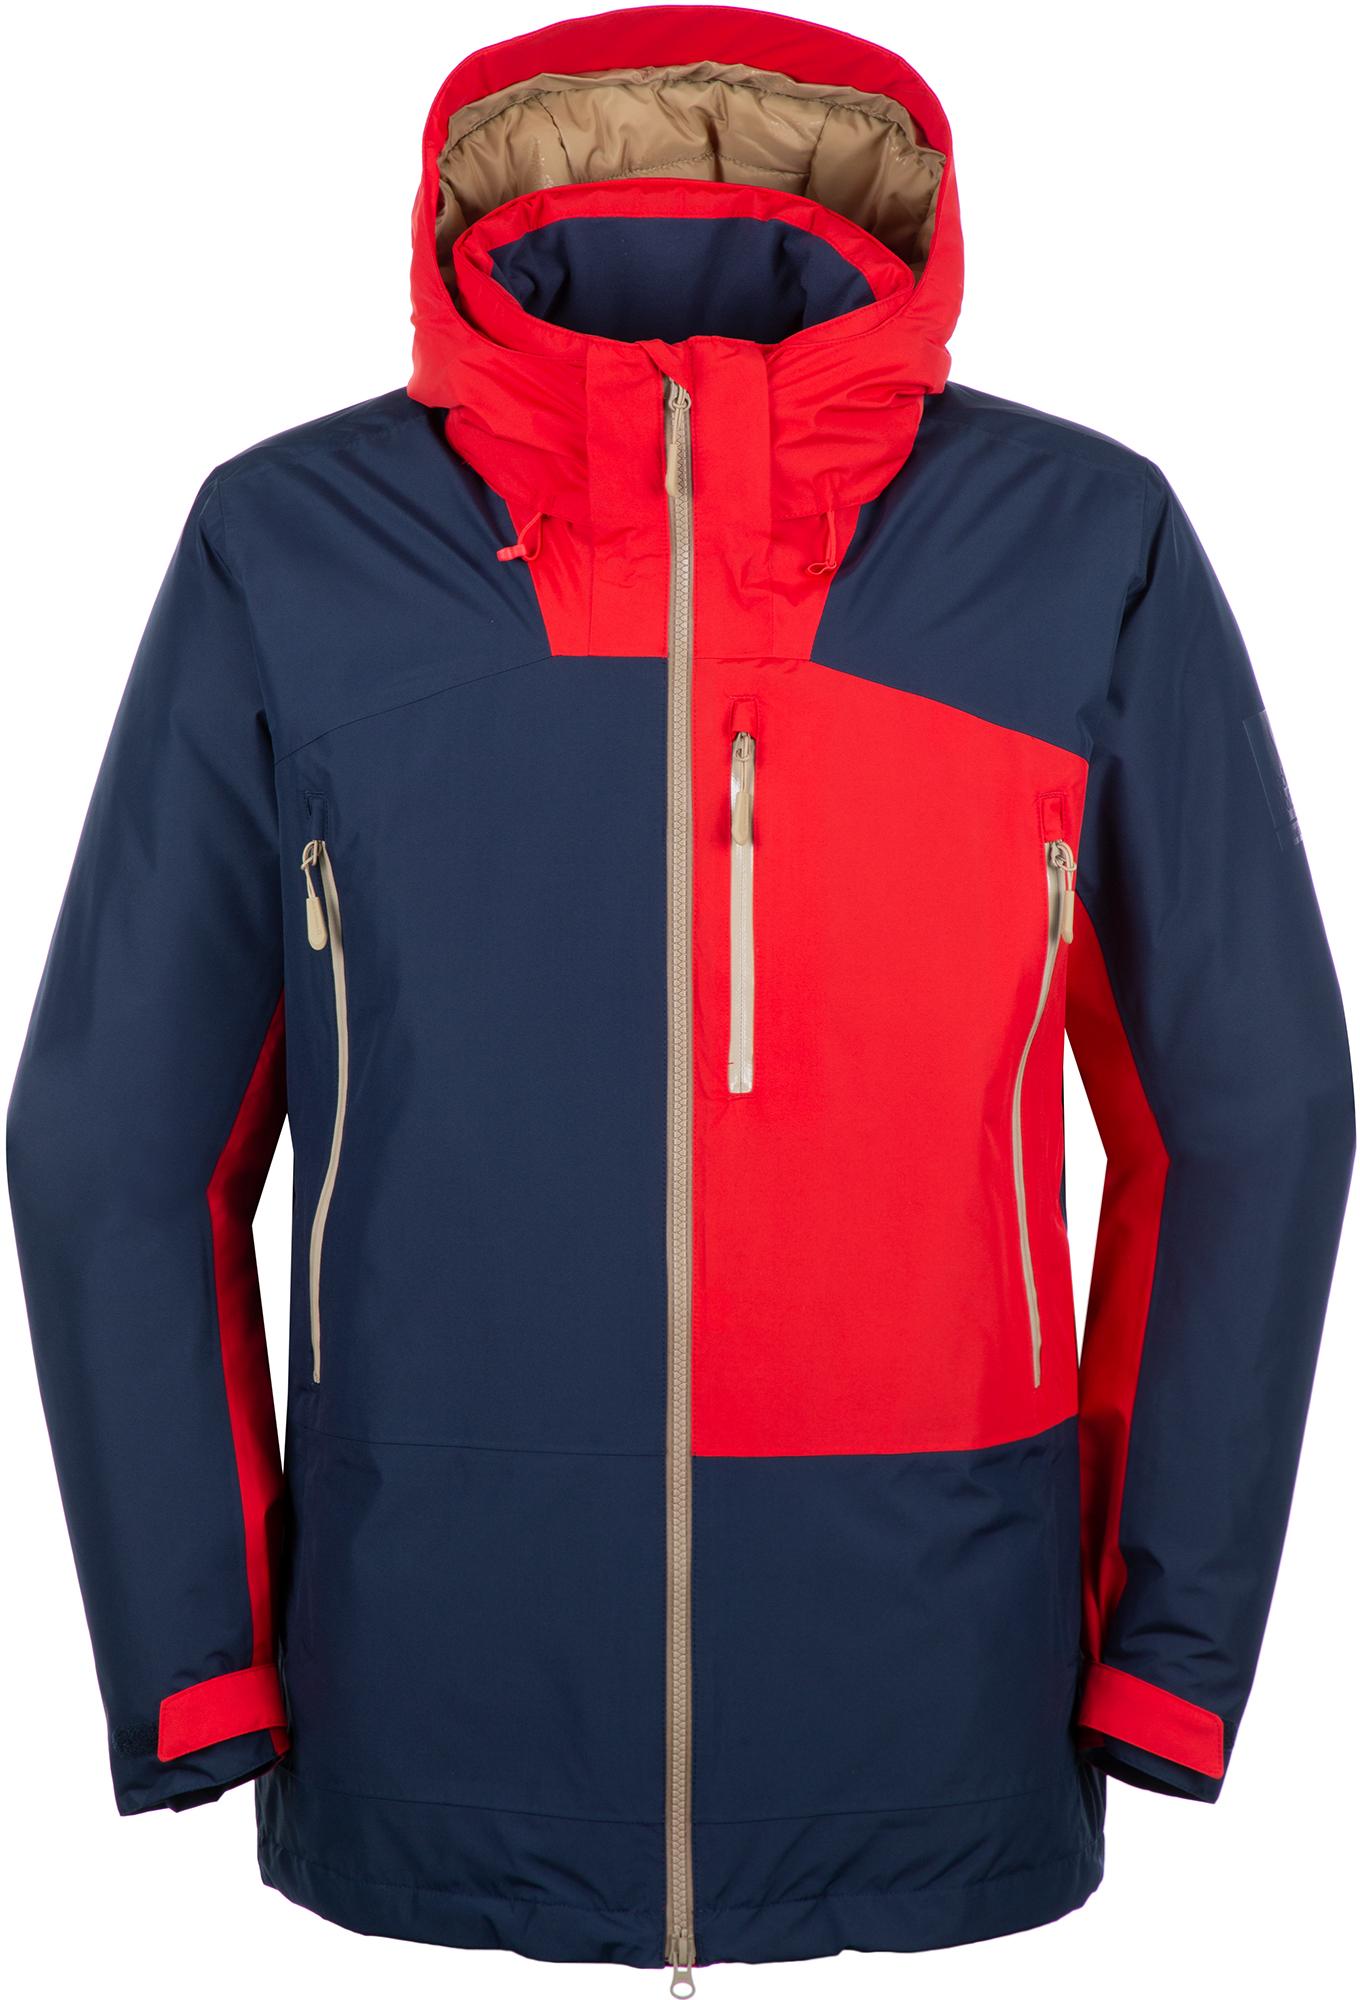 лучшая цена Jack Wolfskin Куртка утепленная мужская JACK WOLFSKIN 365 OnTheMove, размер 54-56